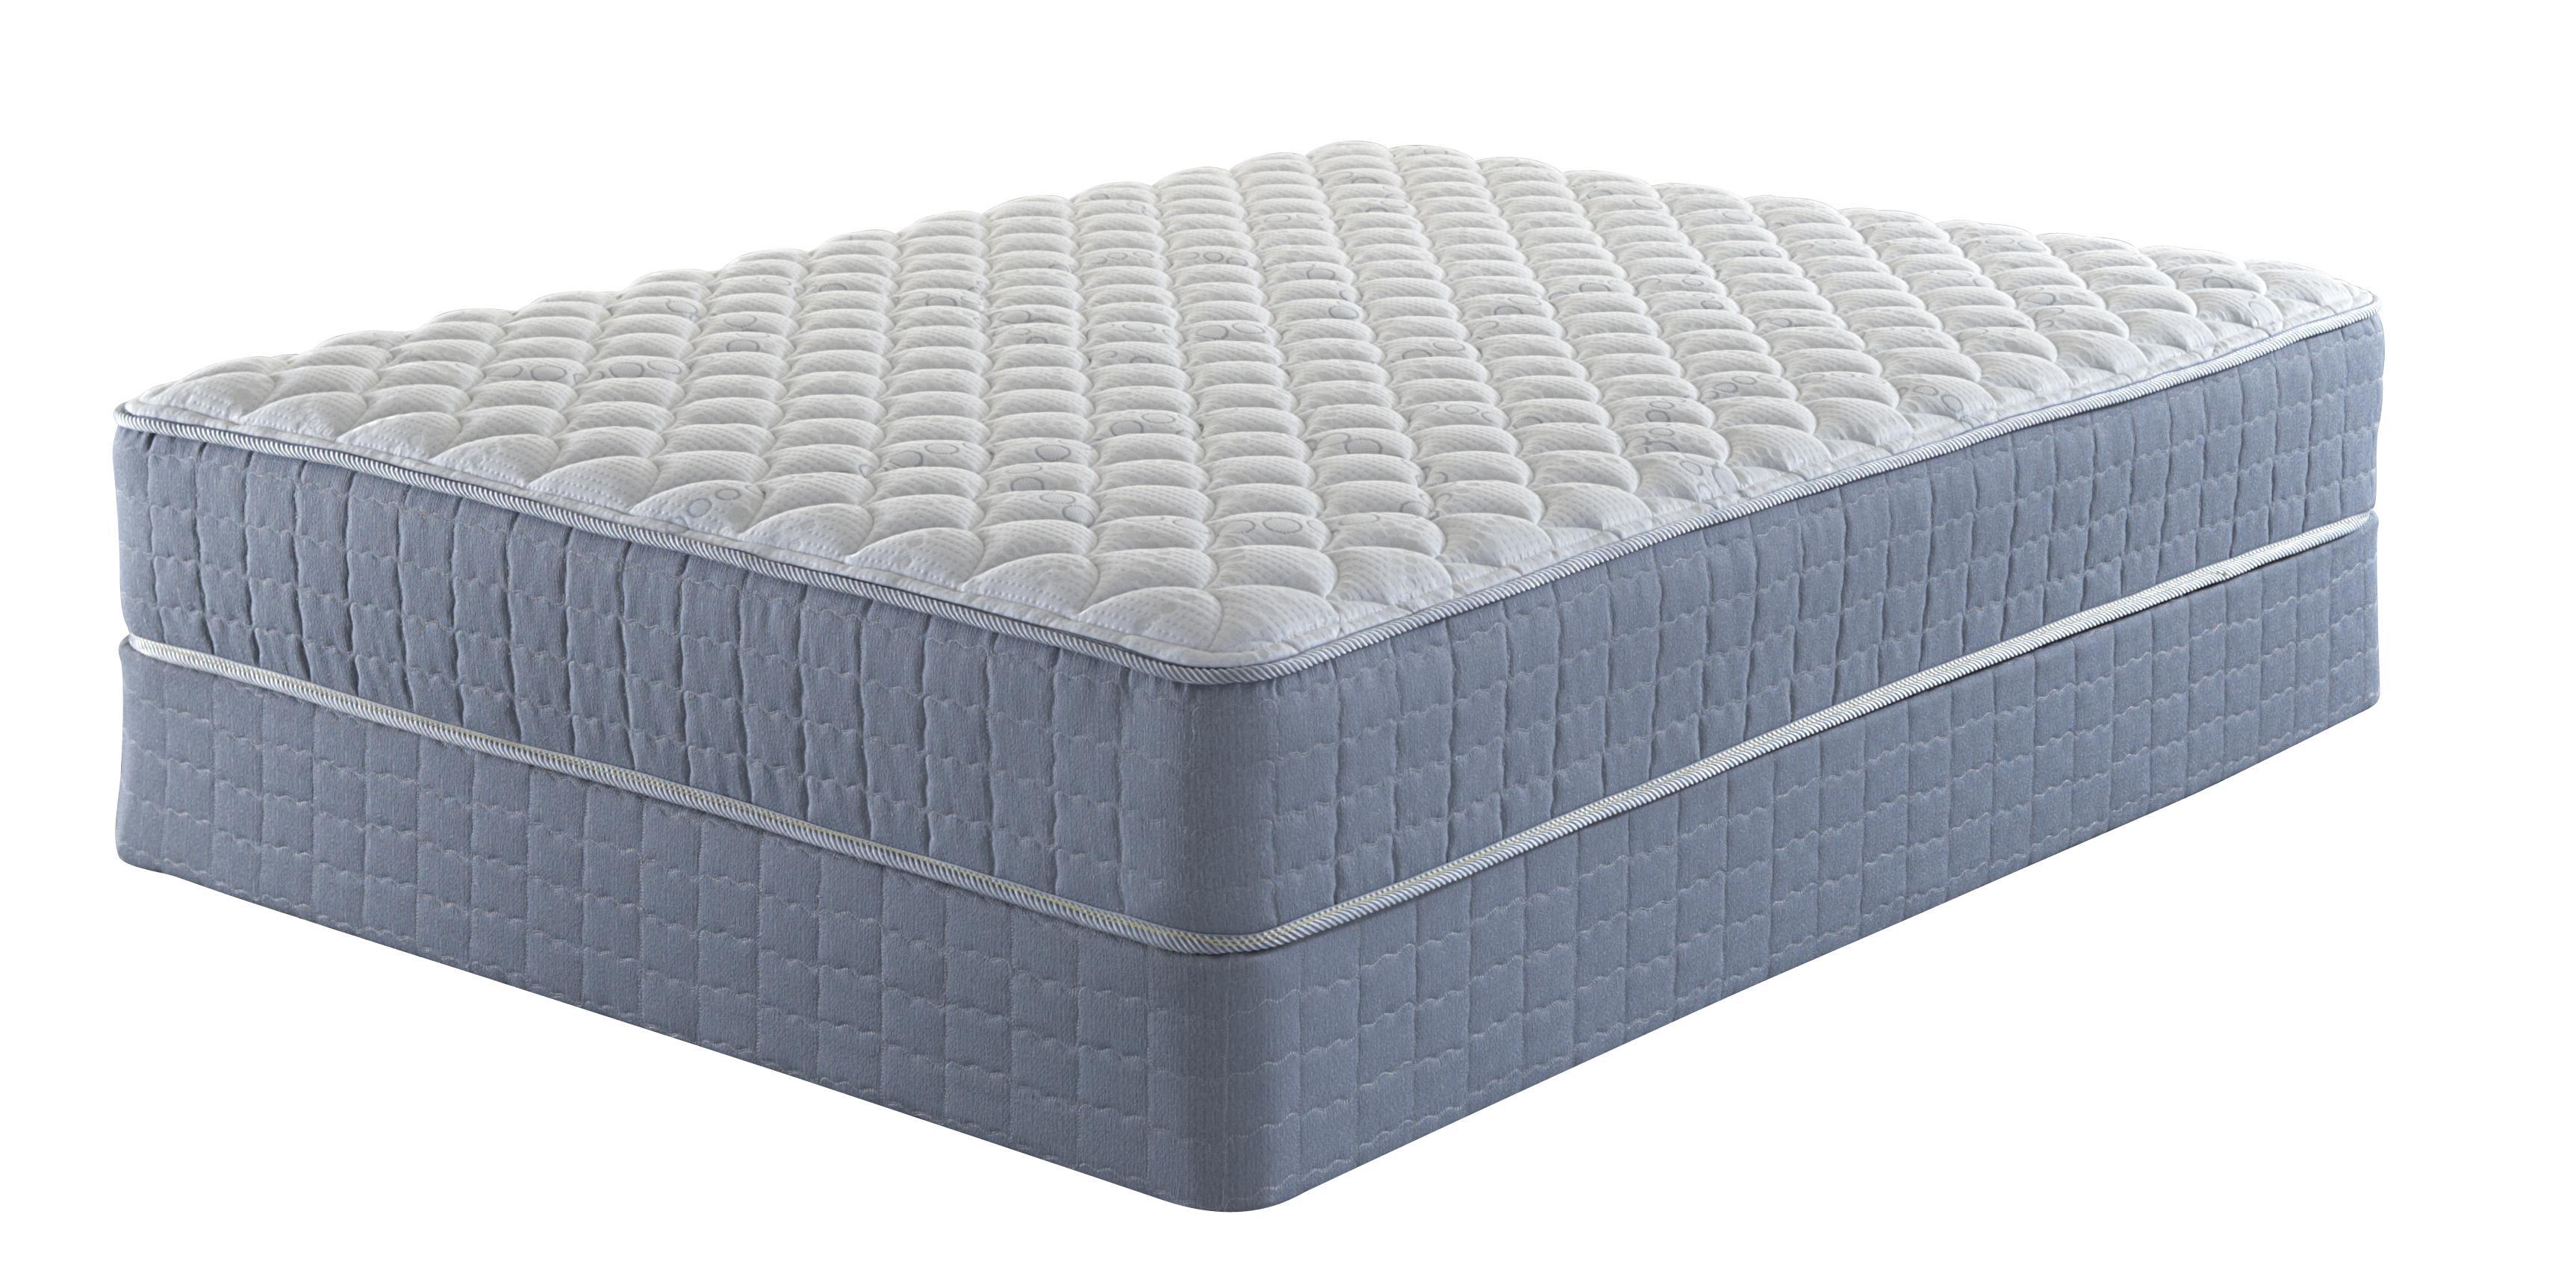 Serta Perfect Sleeper - Reedley Queen Firm Mattress Set - Item Number:  360261Q+270199Q